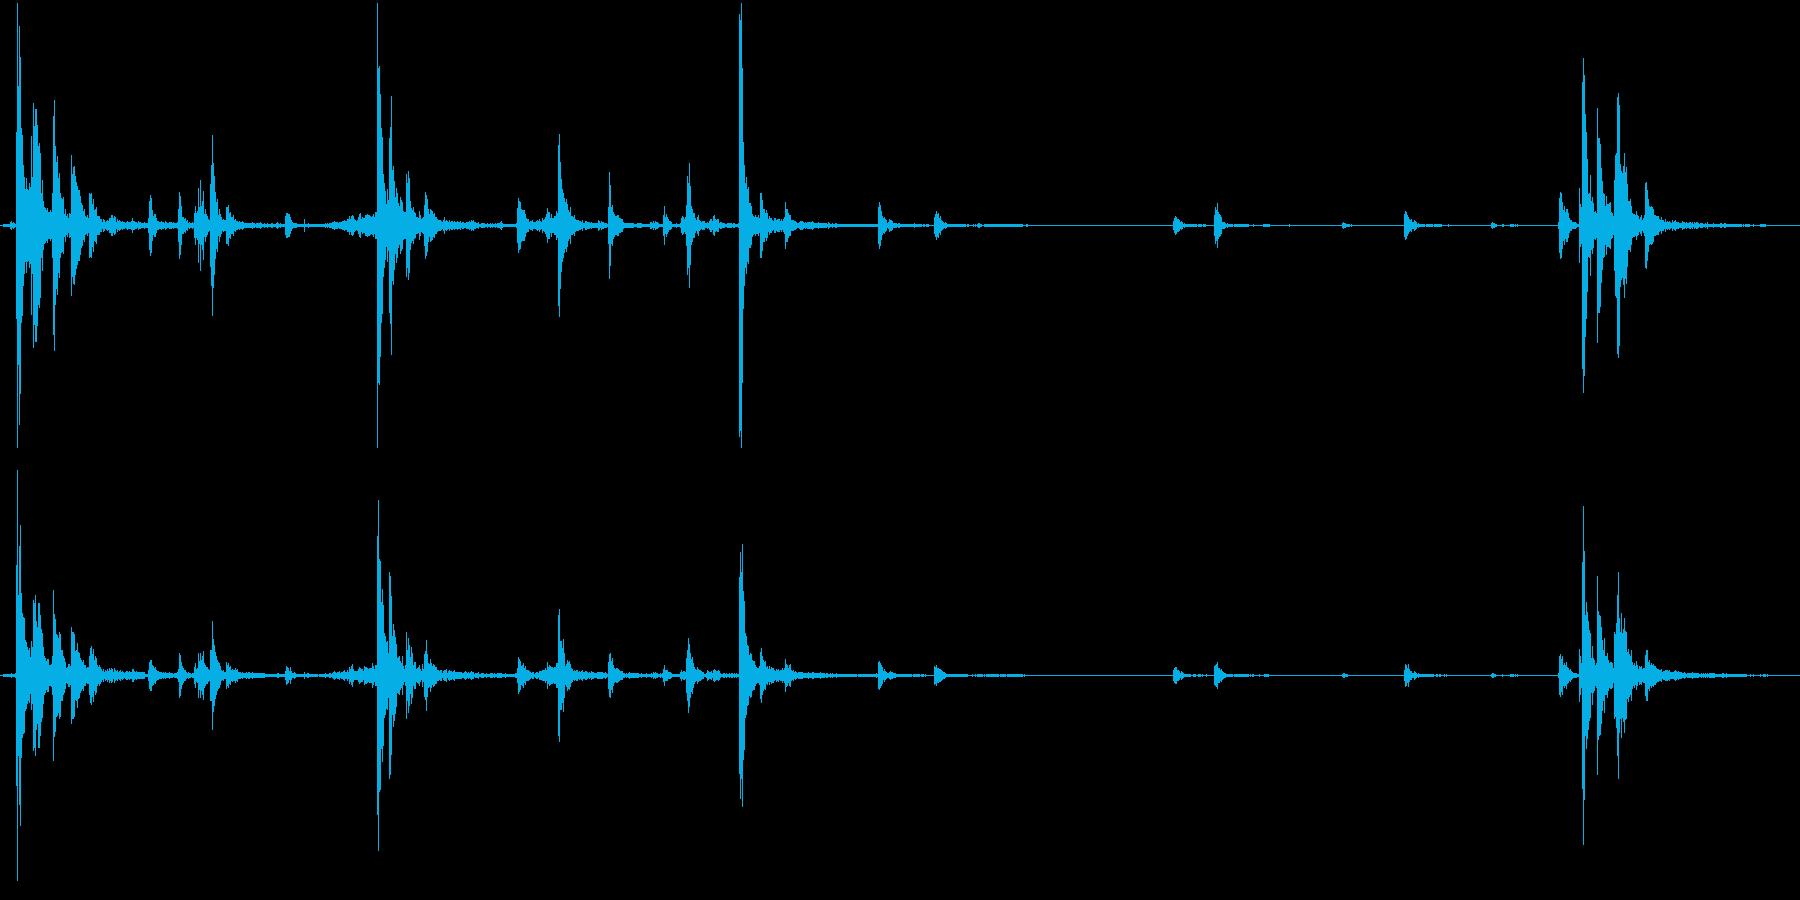 【生録音】ハンガーの音 4 整理するの再生済みの波形